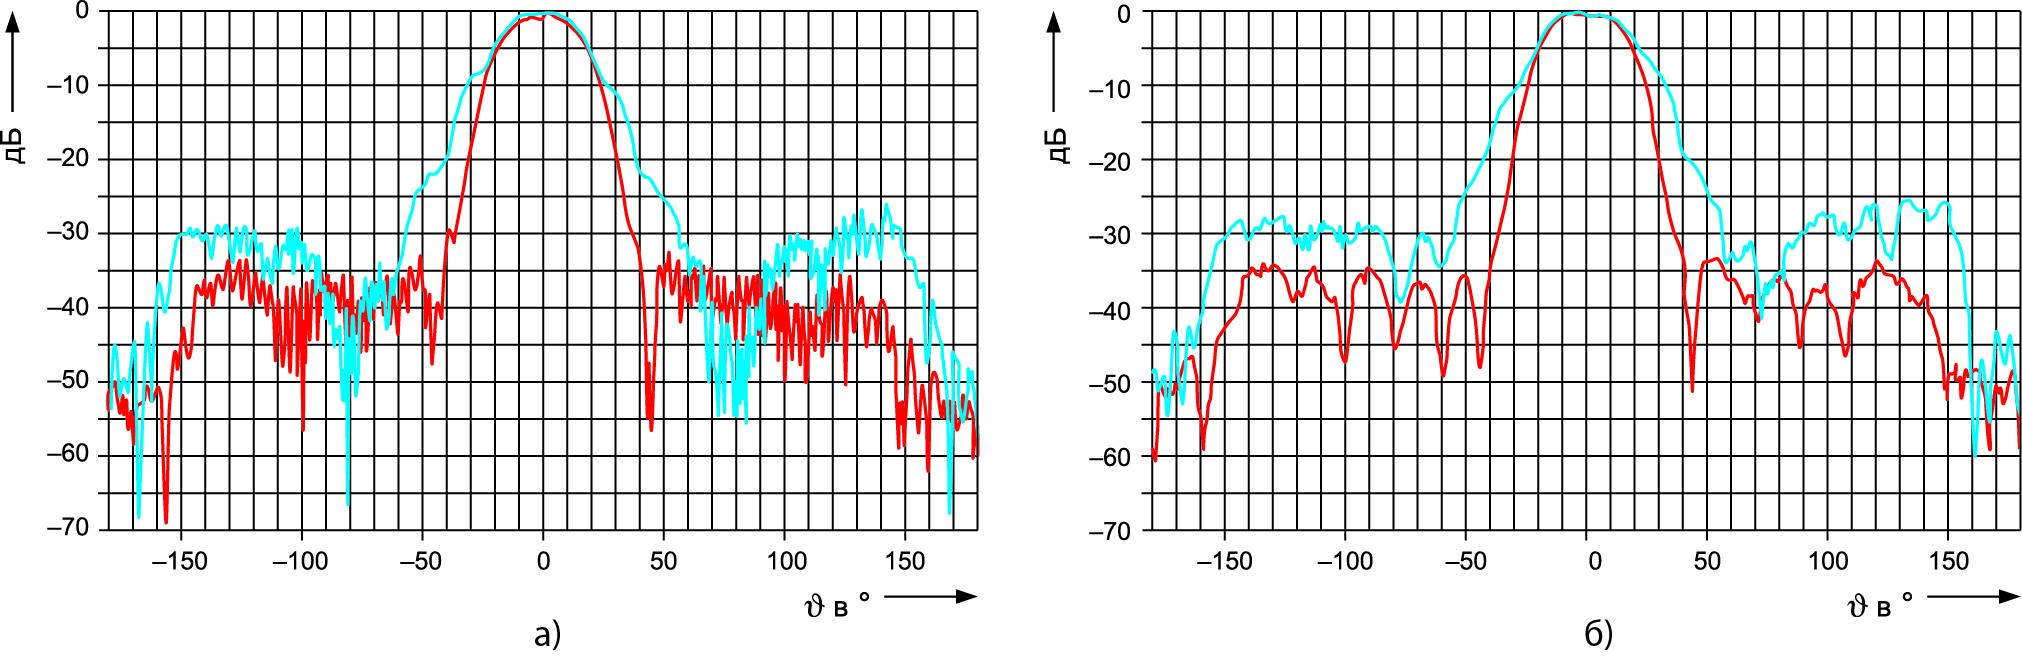 Результаты измерения при нахождении фазового центра ИА вне (а) и на (б) вертикальной оси вращения